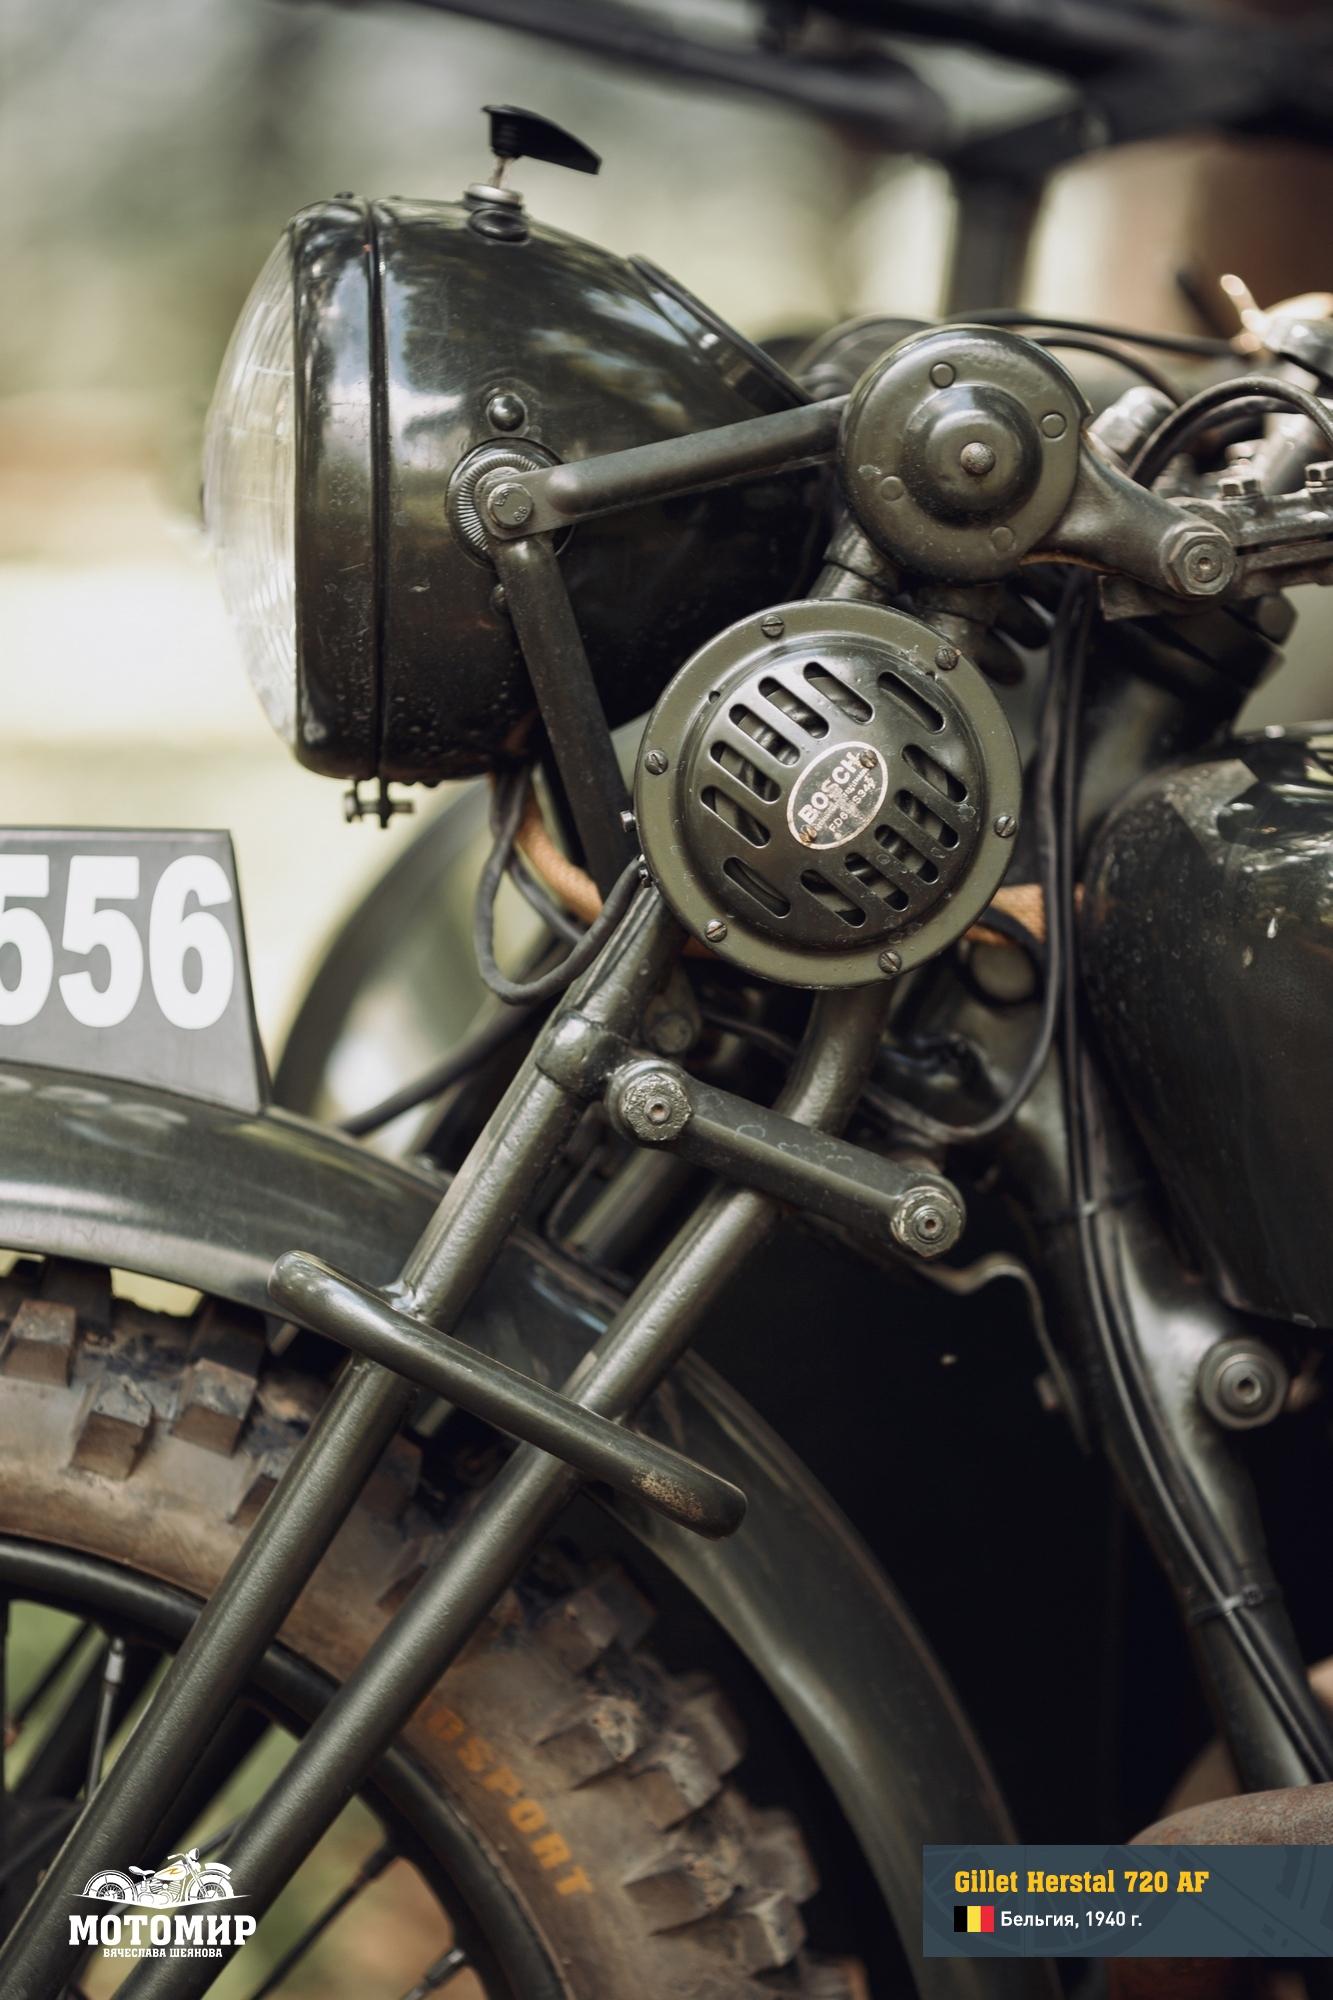 gillet-herstal-720-af-201505-web-20